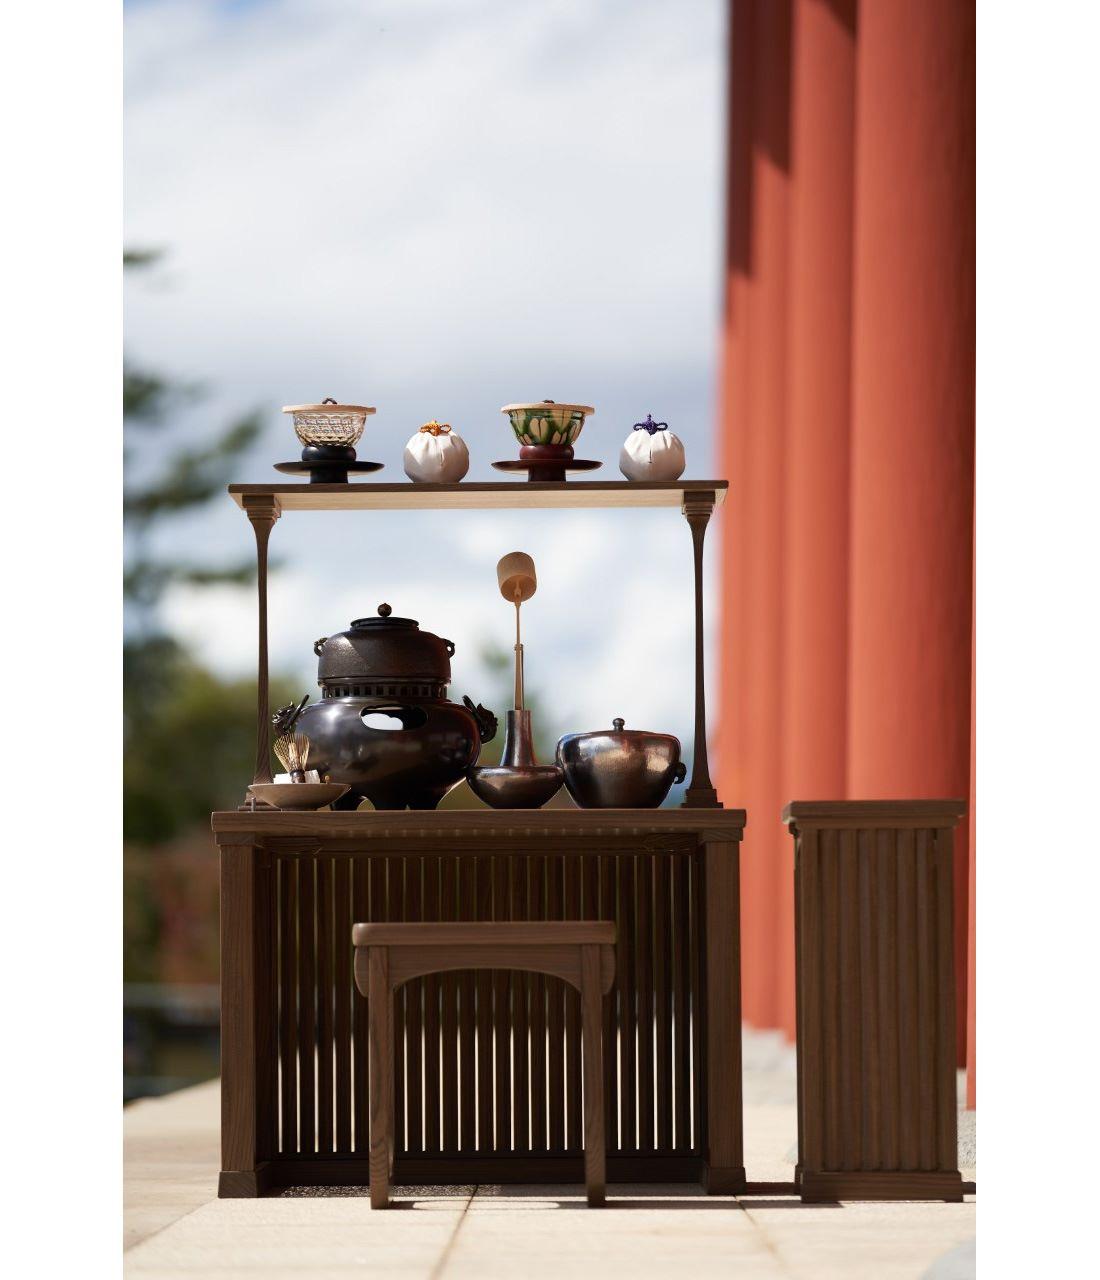 興福寺中金堂落慶法要献茶道具一式。Photography by Tadayuki Minamoto